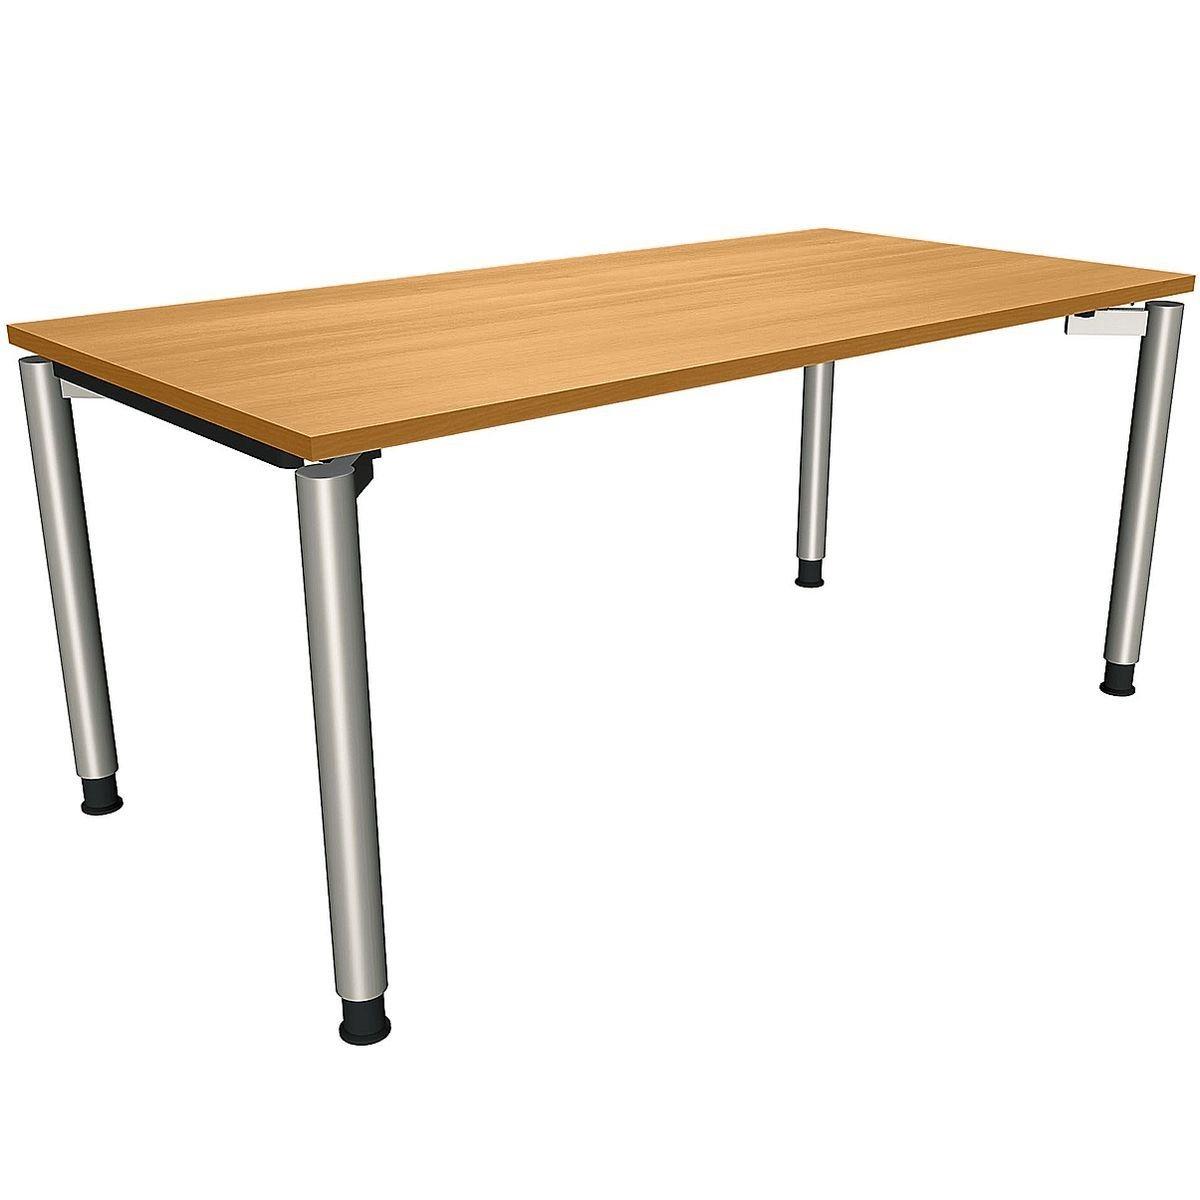 FMBUEROMOEBEL Manuell höhenverstellbarer Schreibtisch 160 cm 4-Fu... »Sidney« | Büro > Bürotische > Schreibtische | FMBUEROMOEBEL